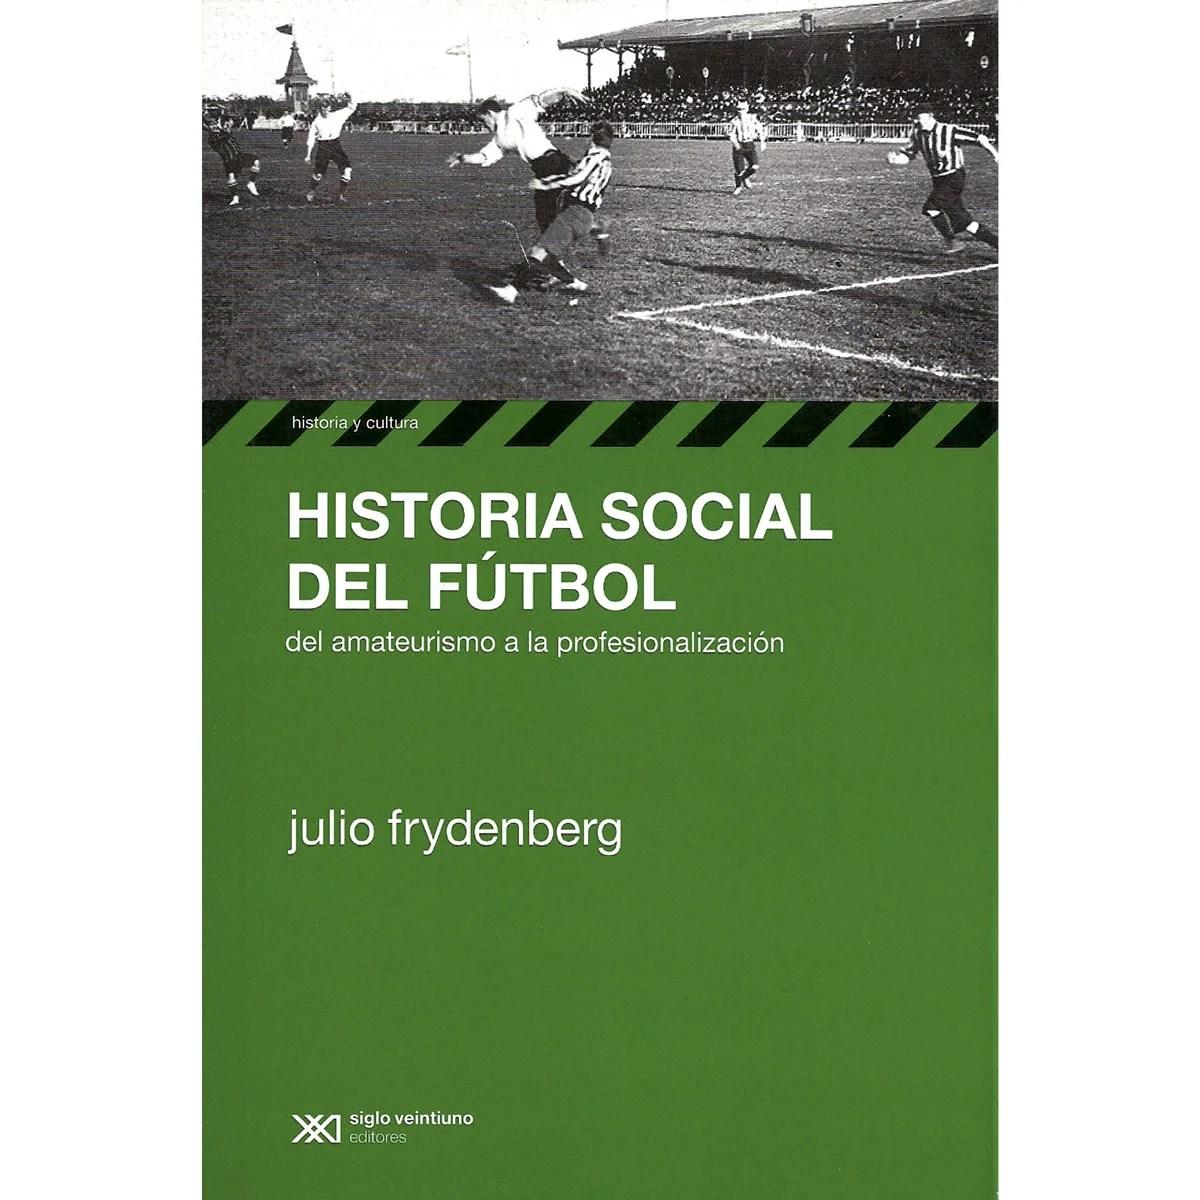 Historia sociale del fútbol, libros de fútbol